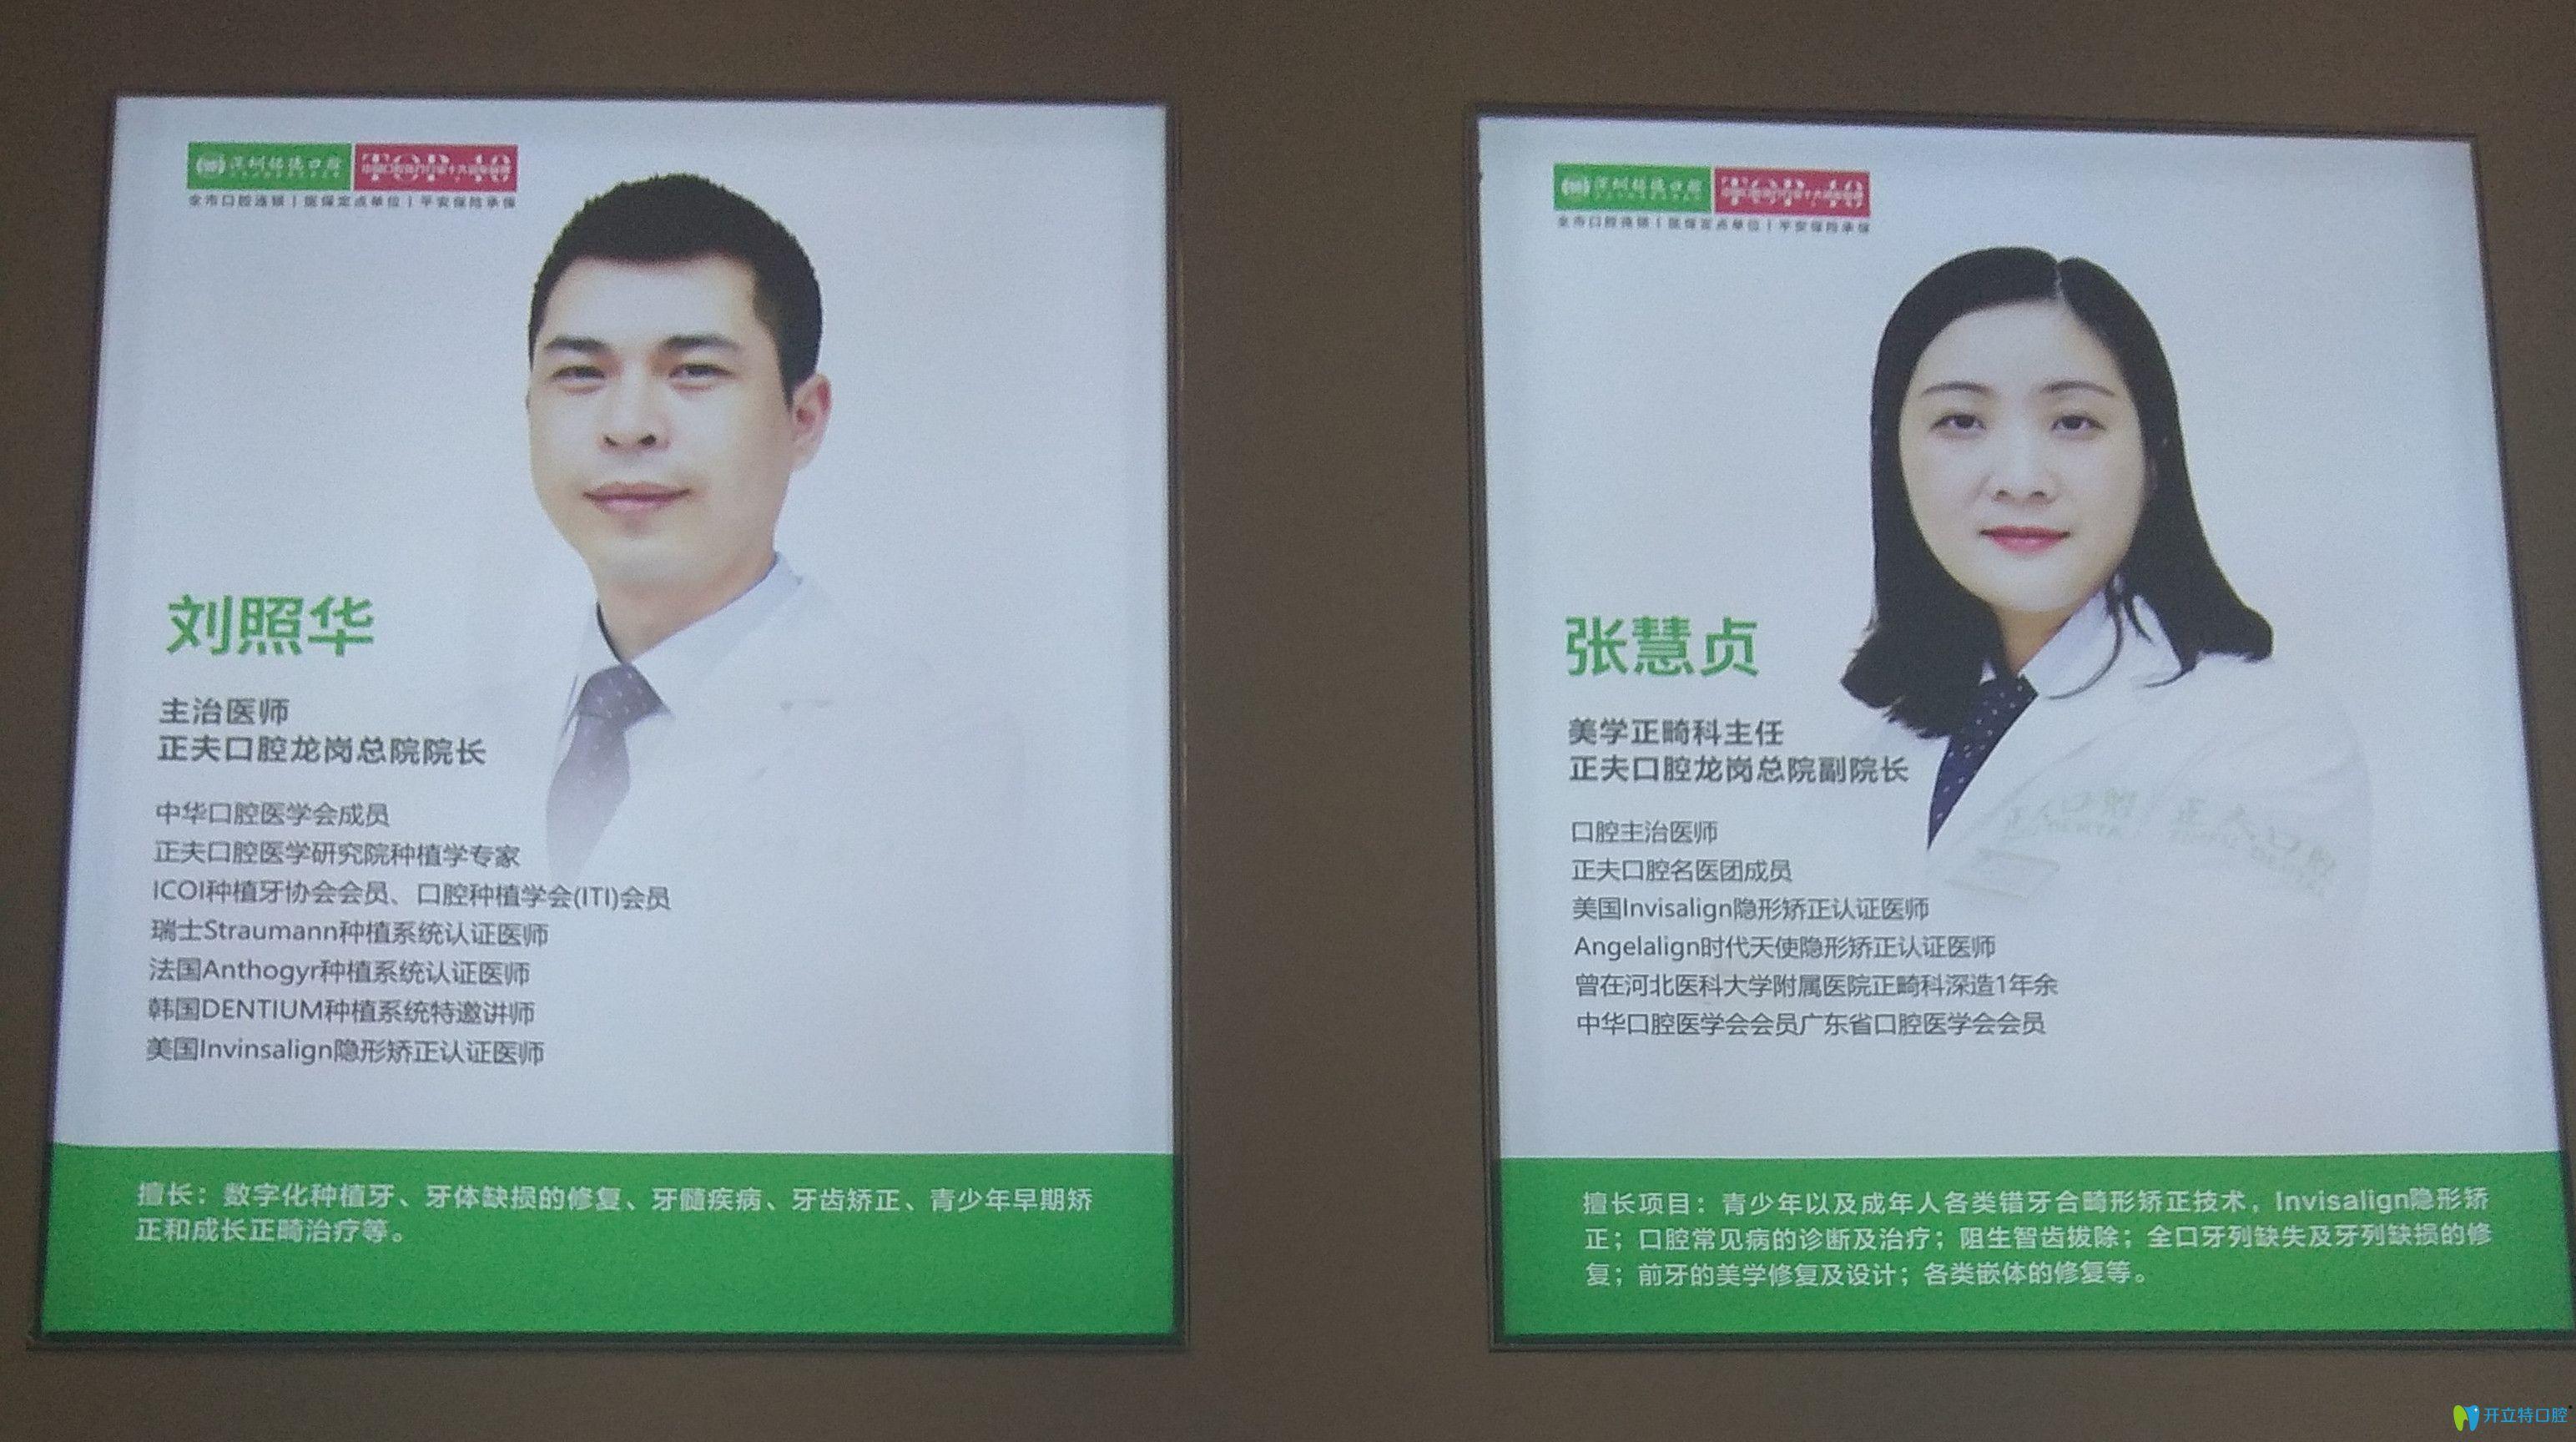 铭德口腔刘照华和张惠贞